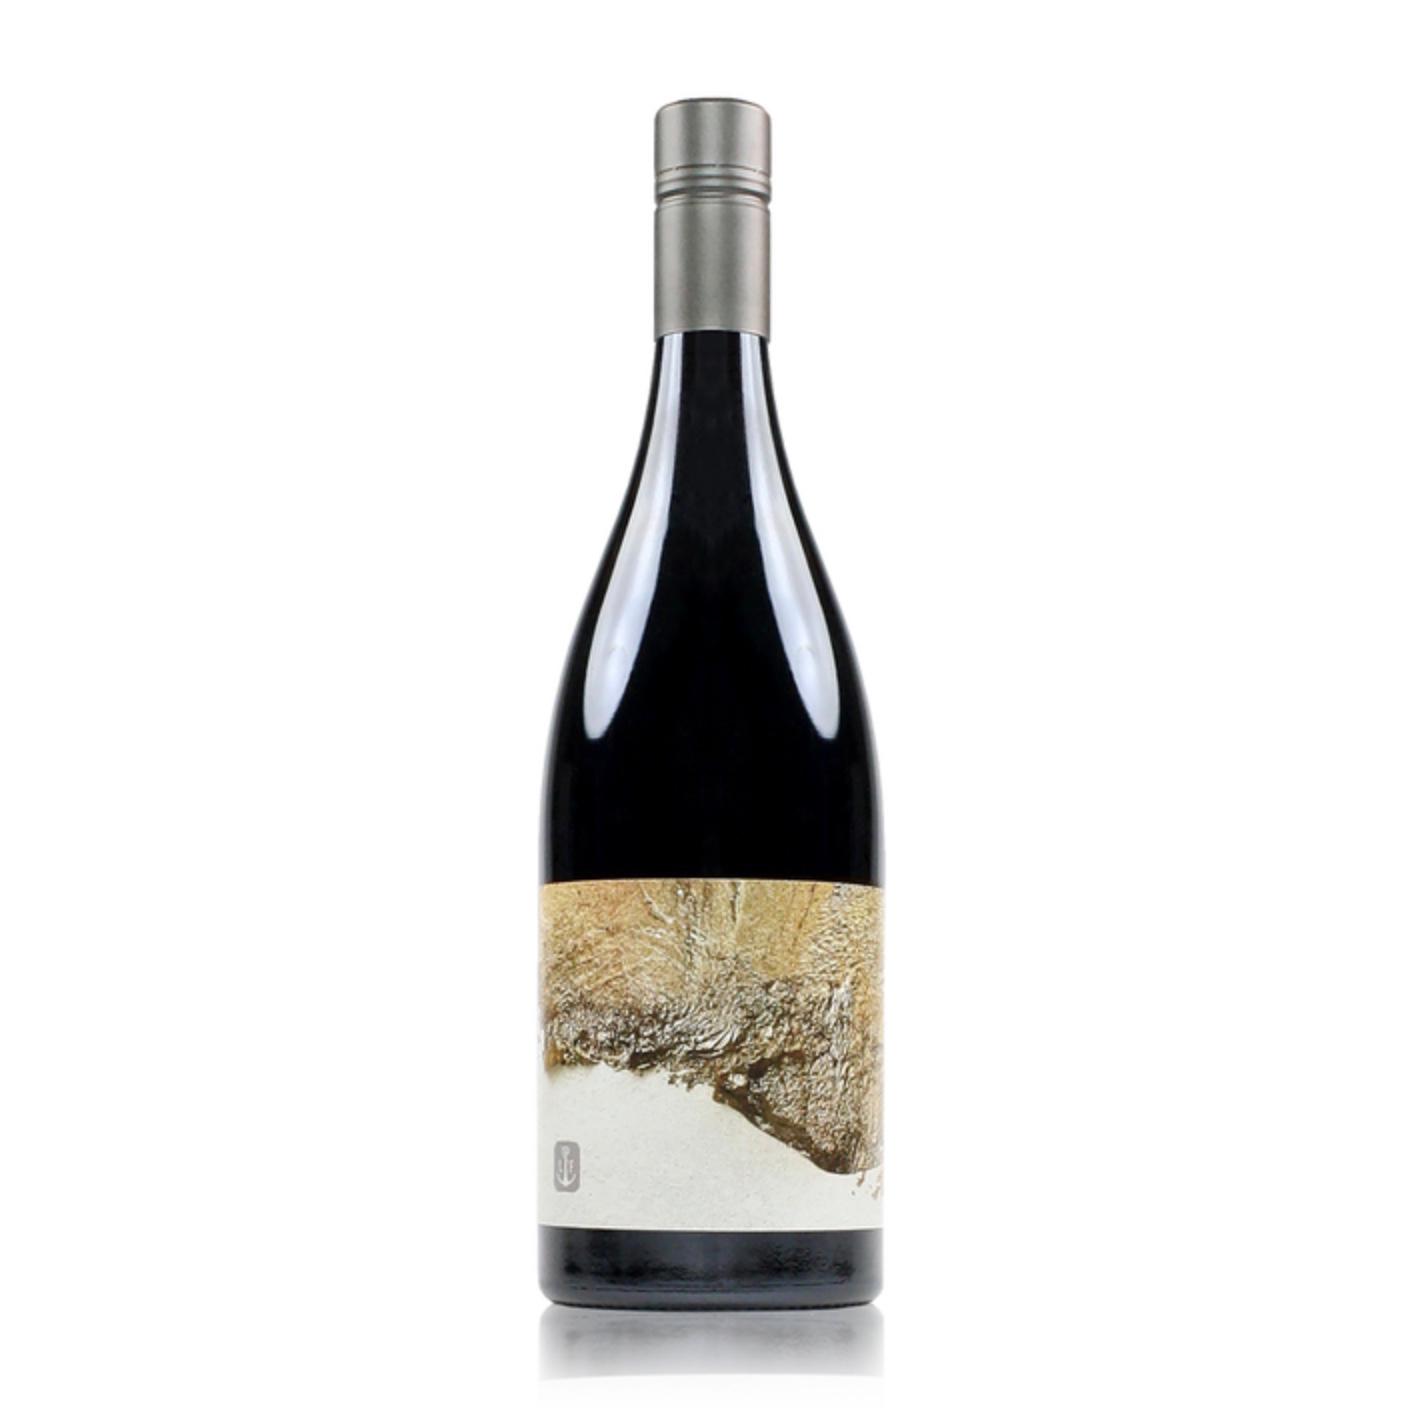 Lowburn Ferry Home Block Pinot Noir